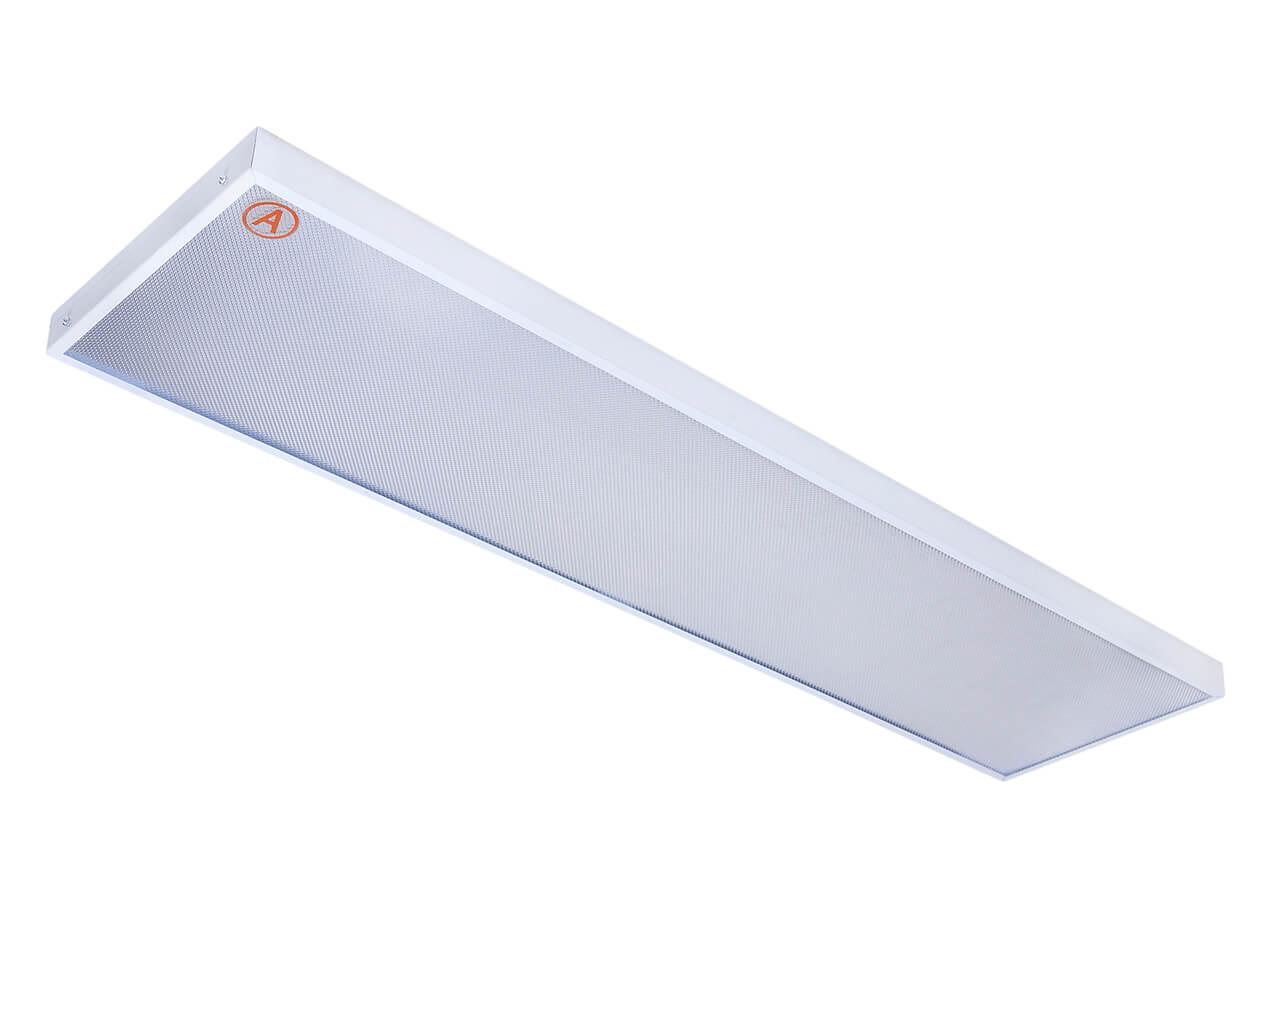 Накладной светильник LC-NSM-60 ватт 1195x295 Теплый белый Призма с Бап